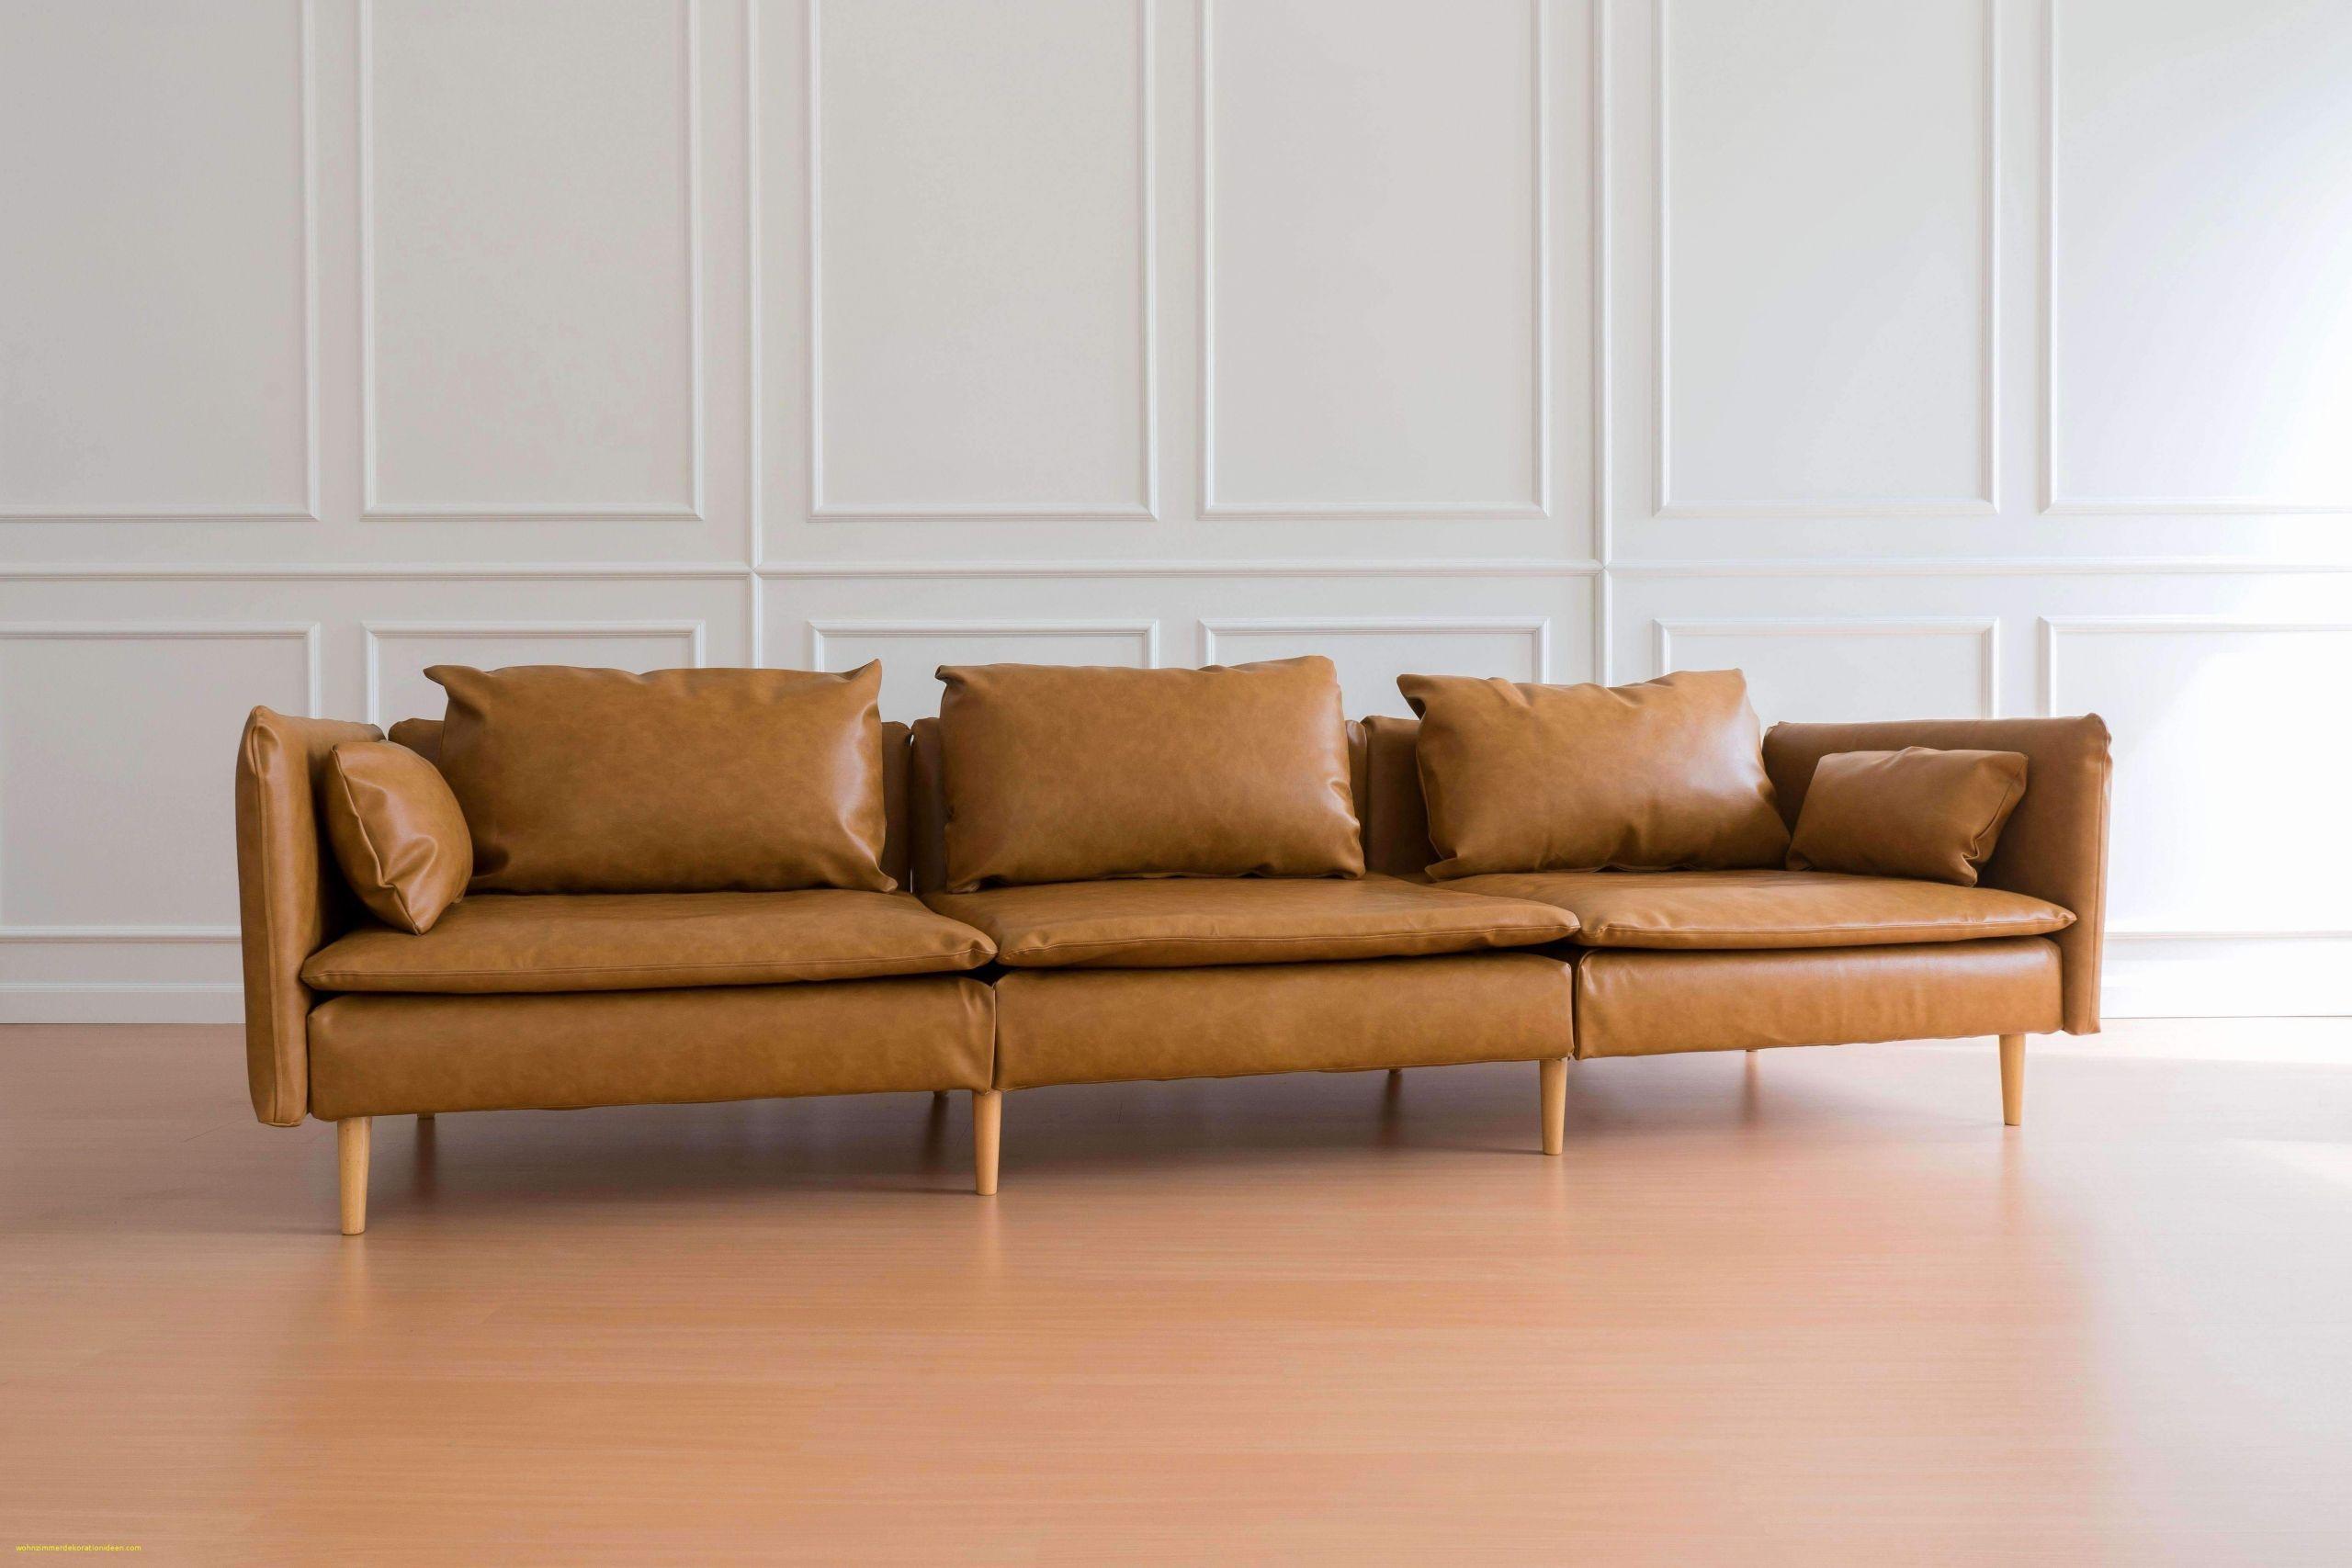 Full Size of Liegestuhl Ikea Modulküche Sofa Mit Schlaffunktion Küche Kaufen Betten Bei Miniküche 160x200 Garten Kosten Wohnzimmer Liegestuhl Ikea